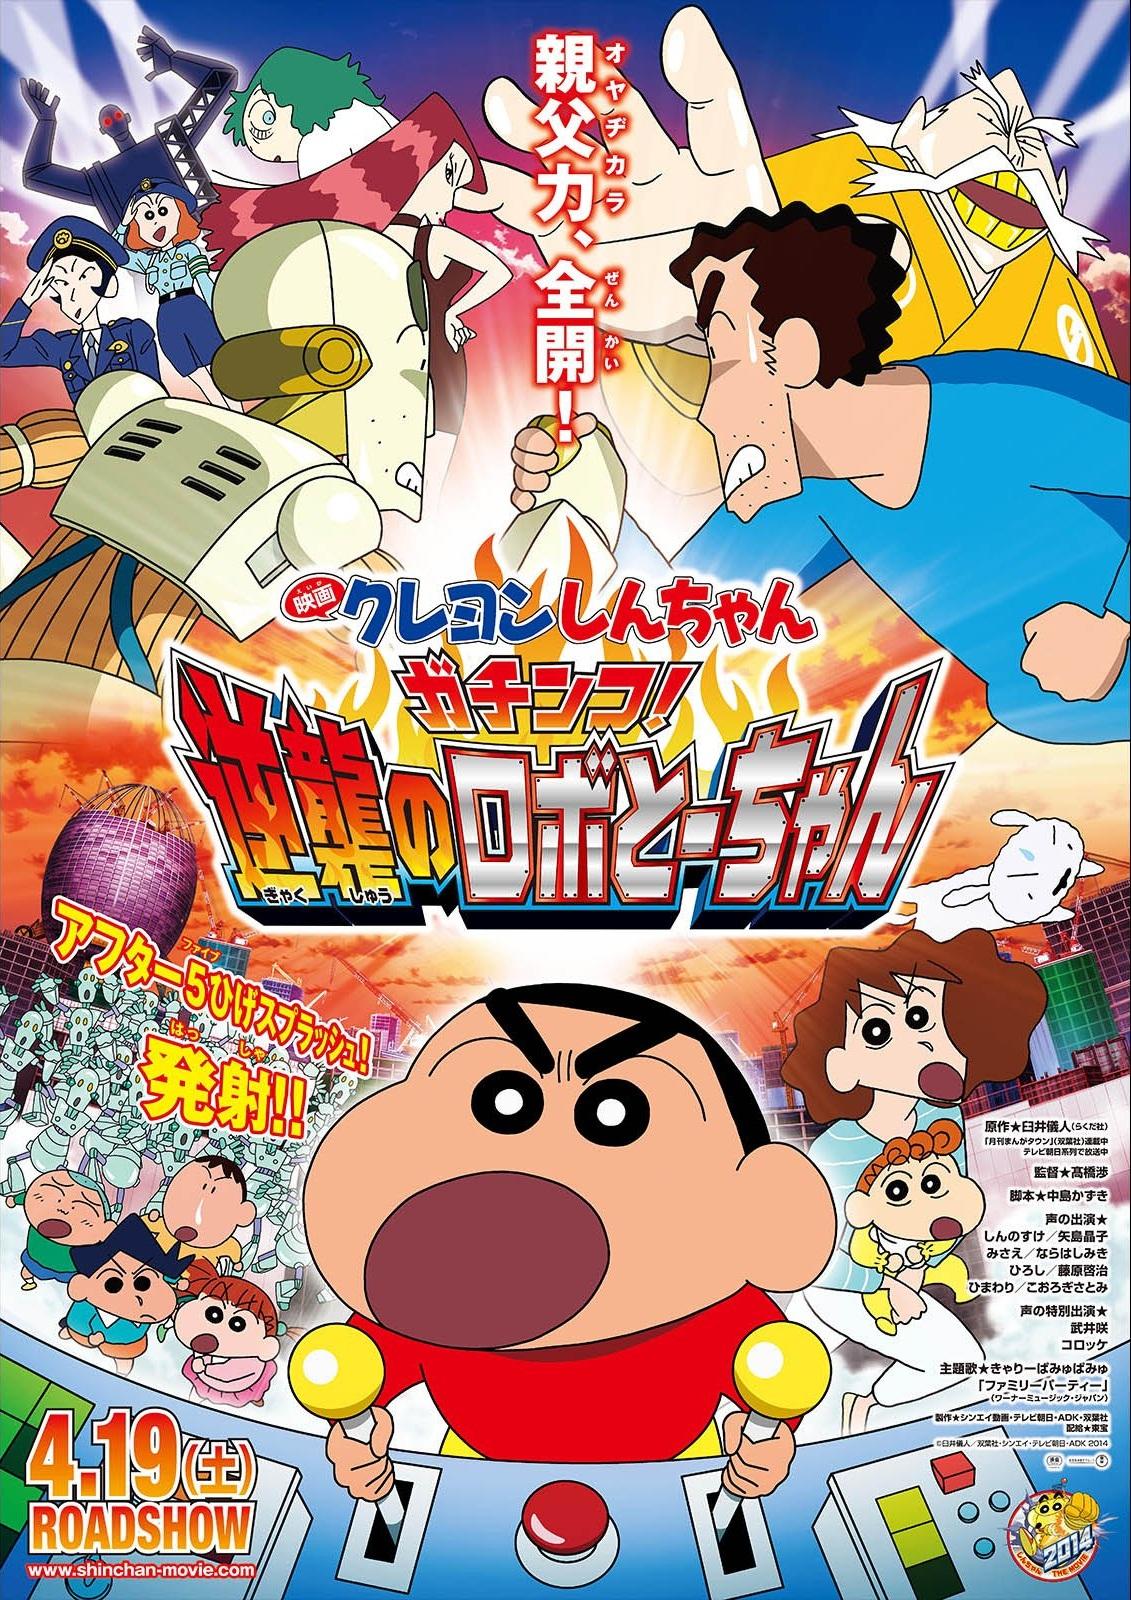 Crayon Shin-chan Movie 22